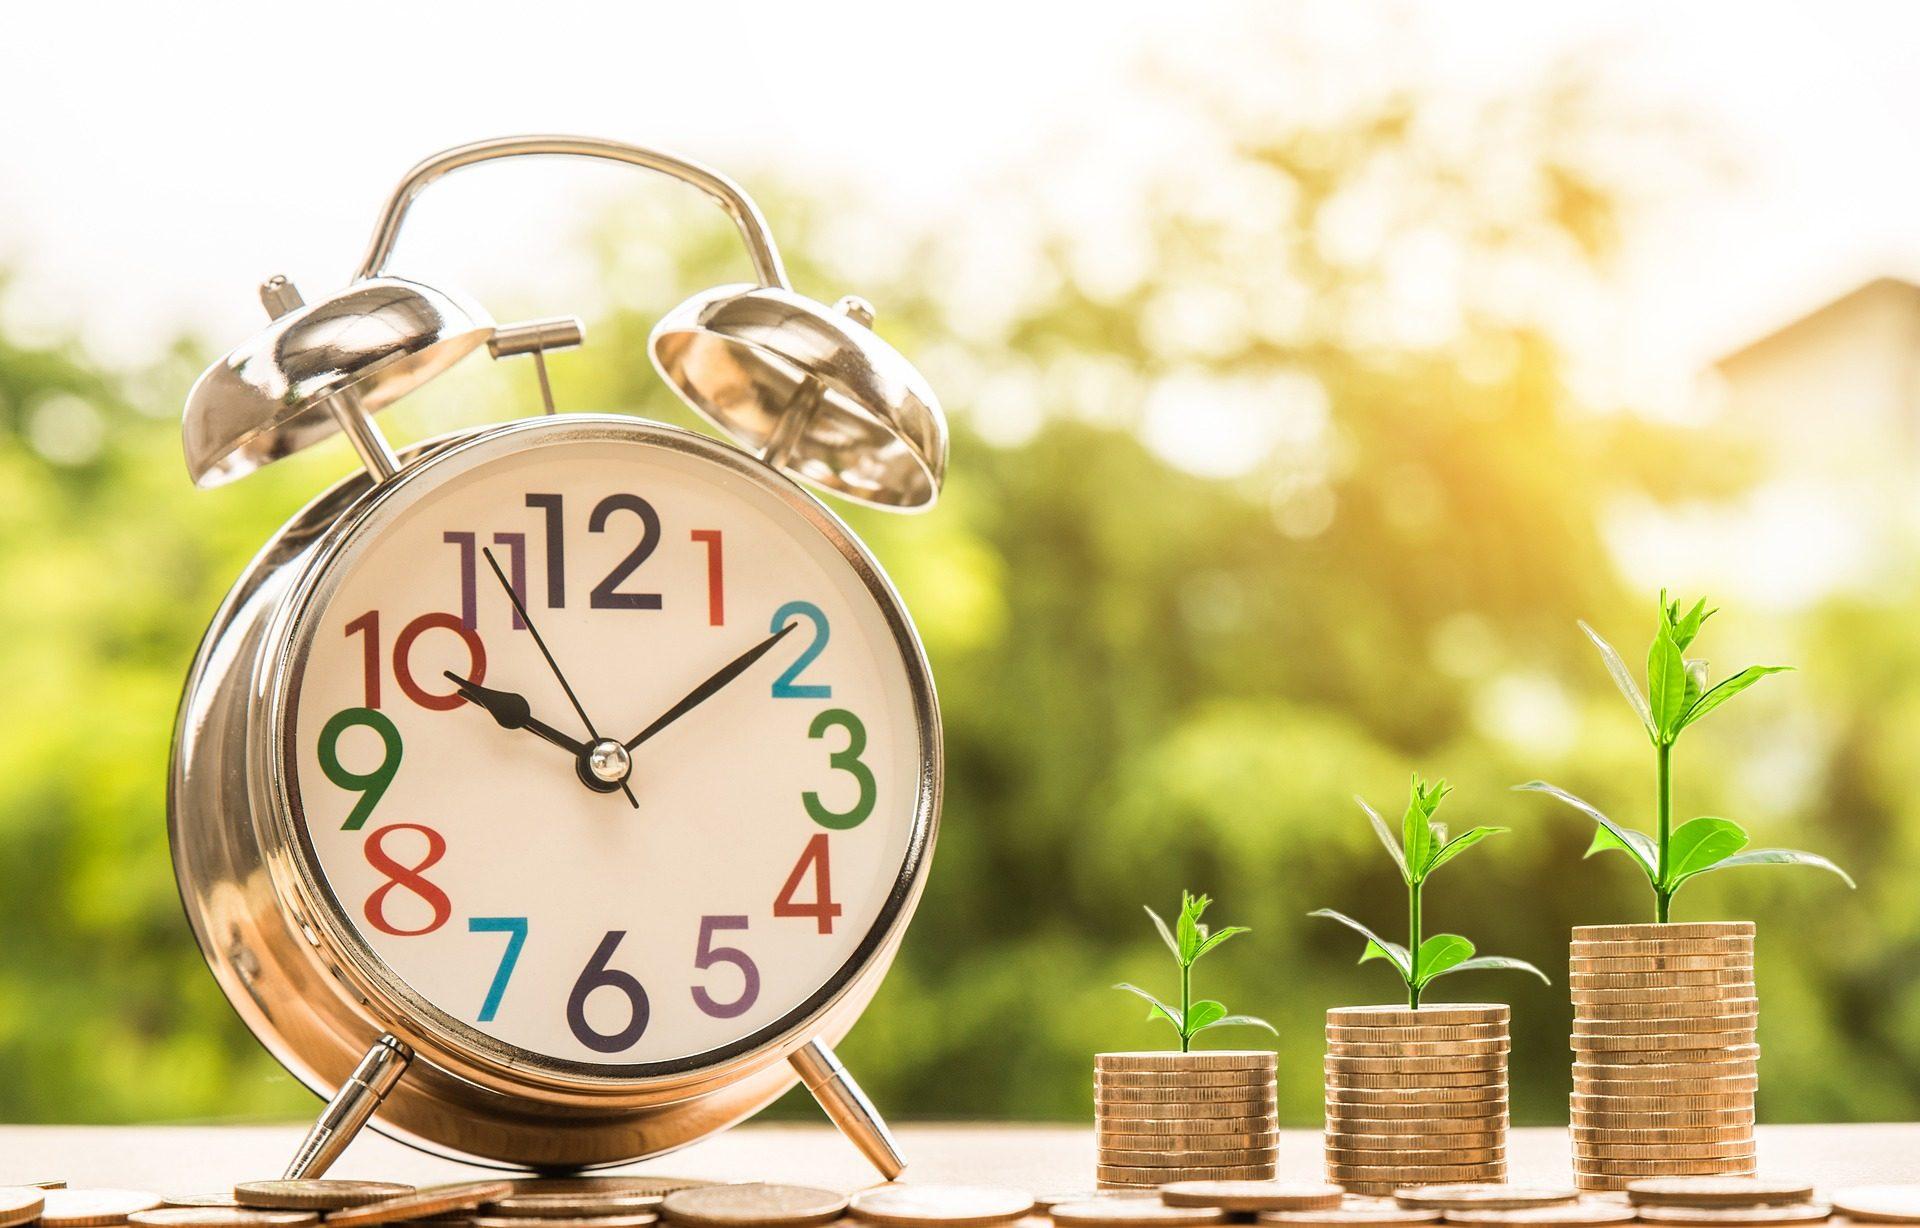 Ρολόι, Ξυπνητήρι, hora, χρόνος, κέρματα, φυτά, εστίες - Wallpapers HD - Professor-falken.com